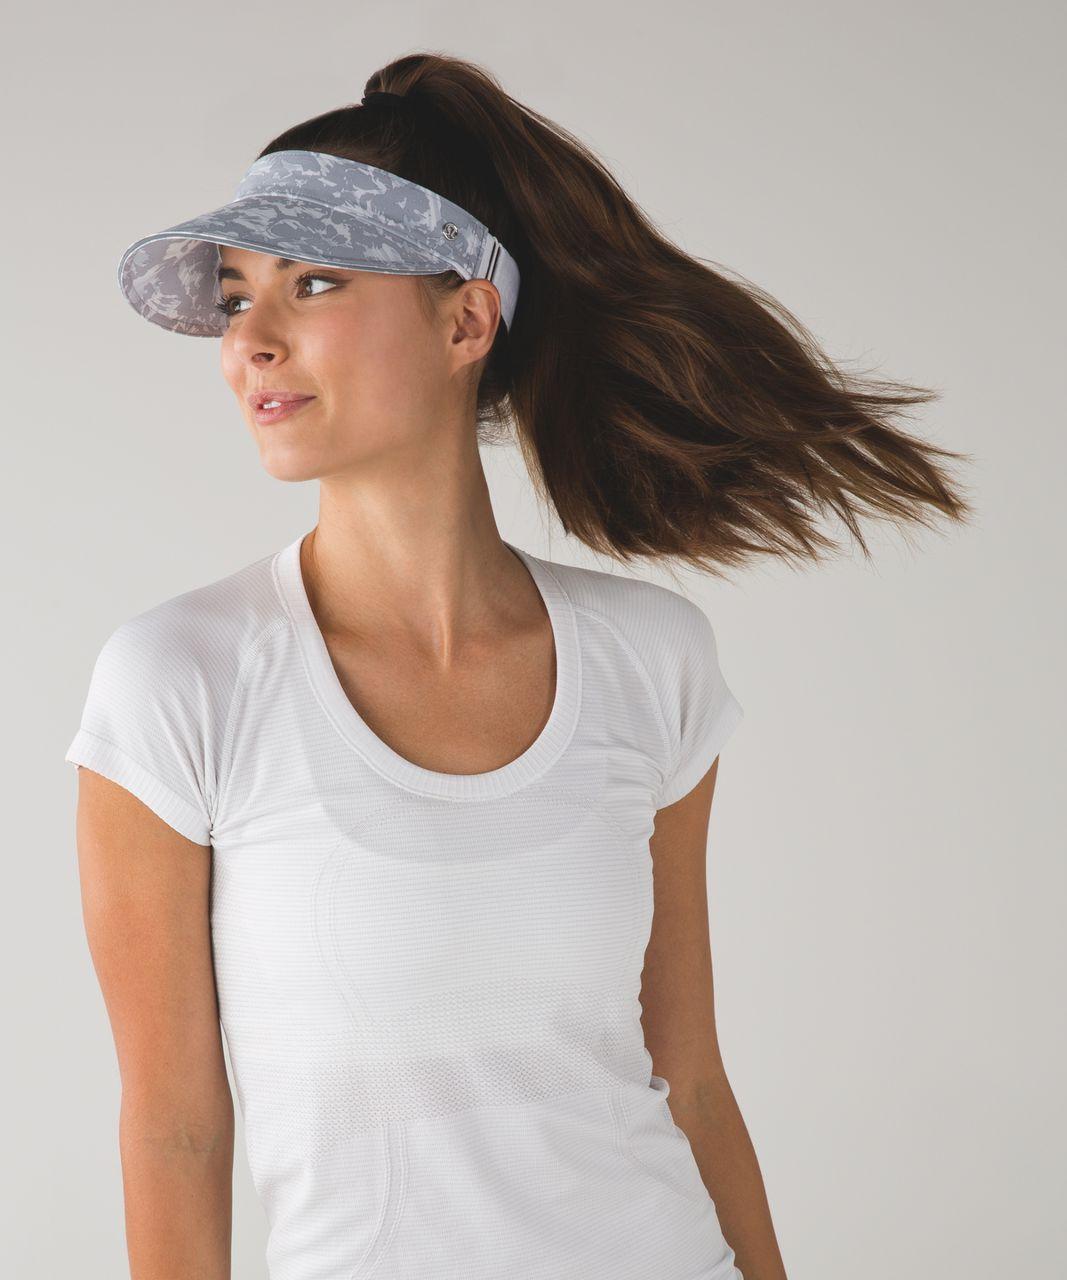 Lululemon Fast Paced Run Visor - Fleur Sombre White Silver Fox / White